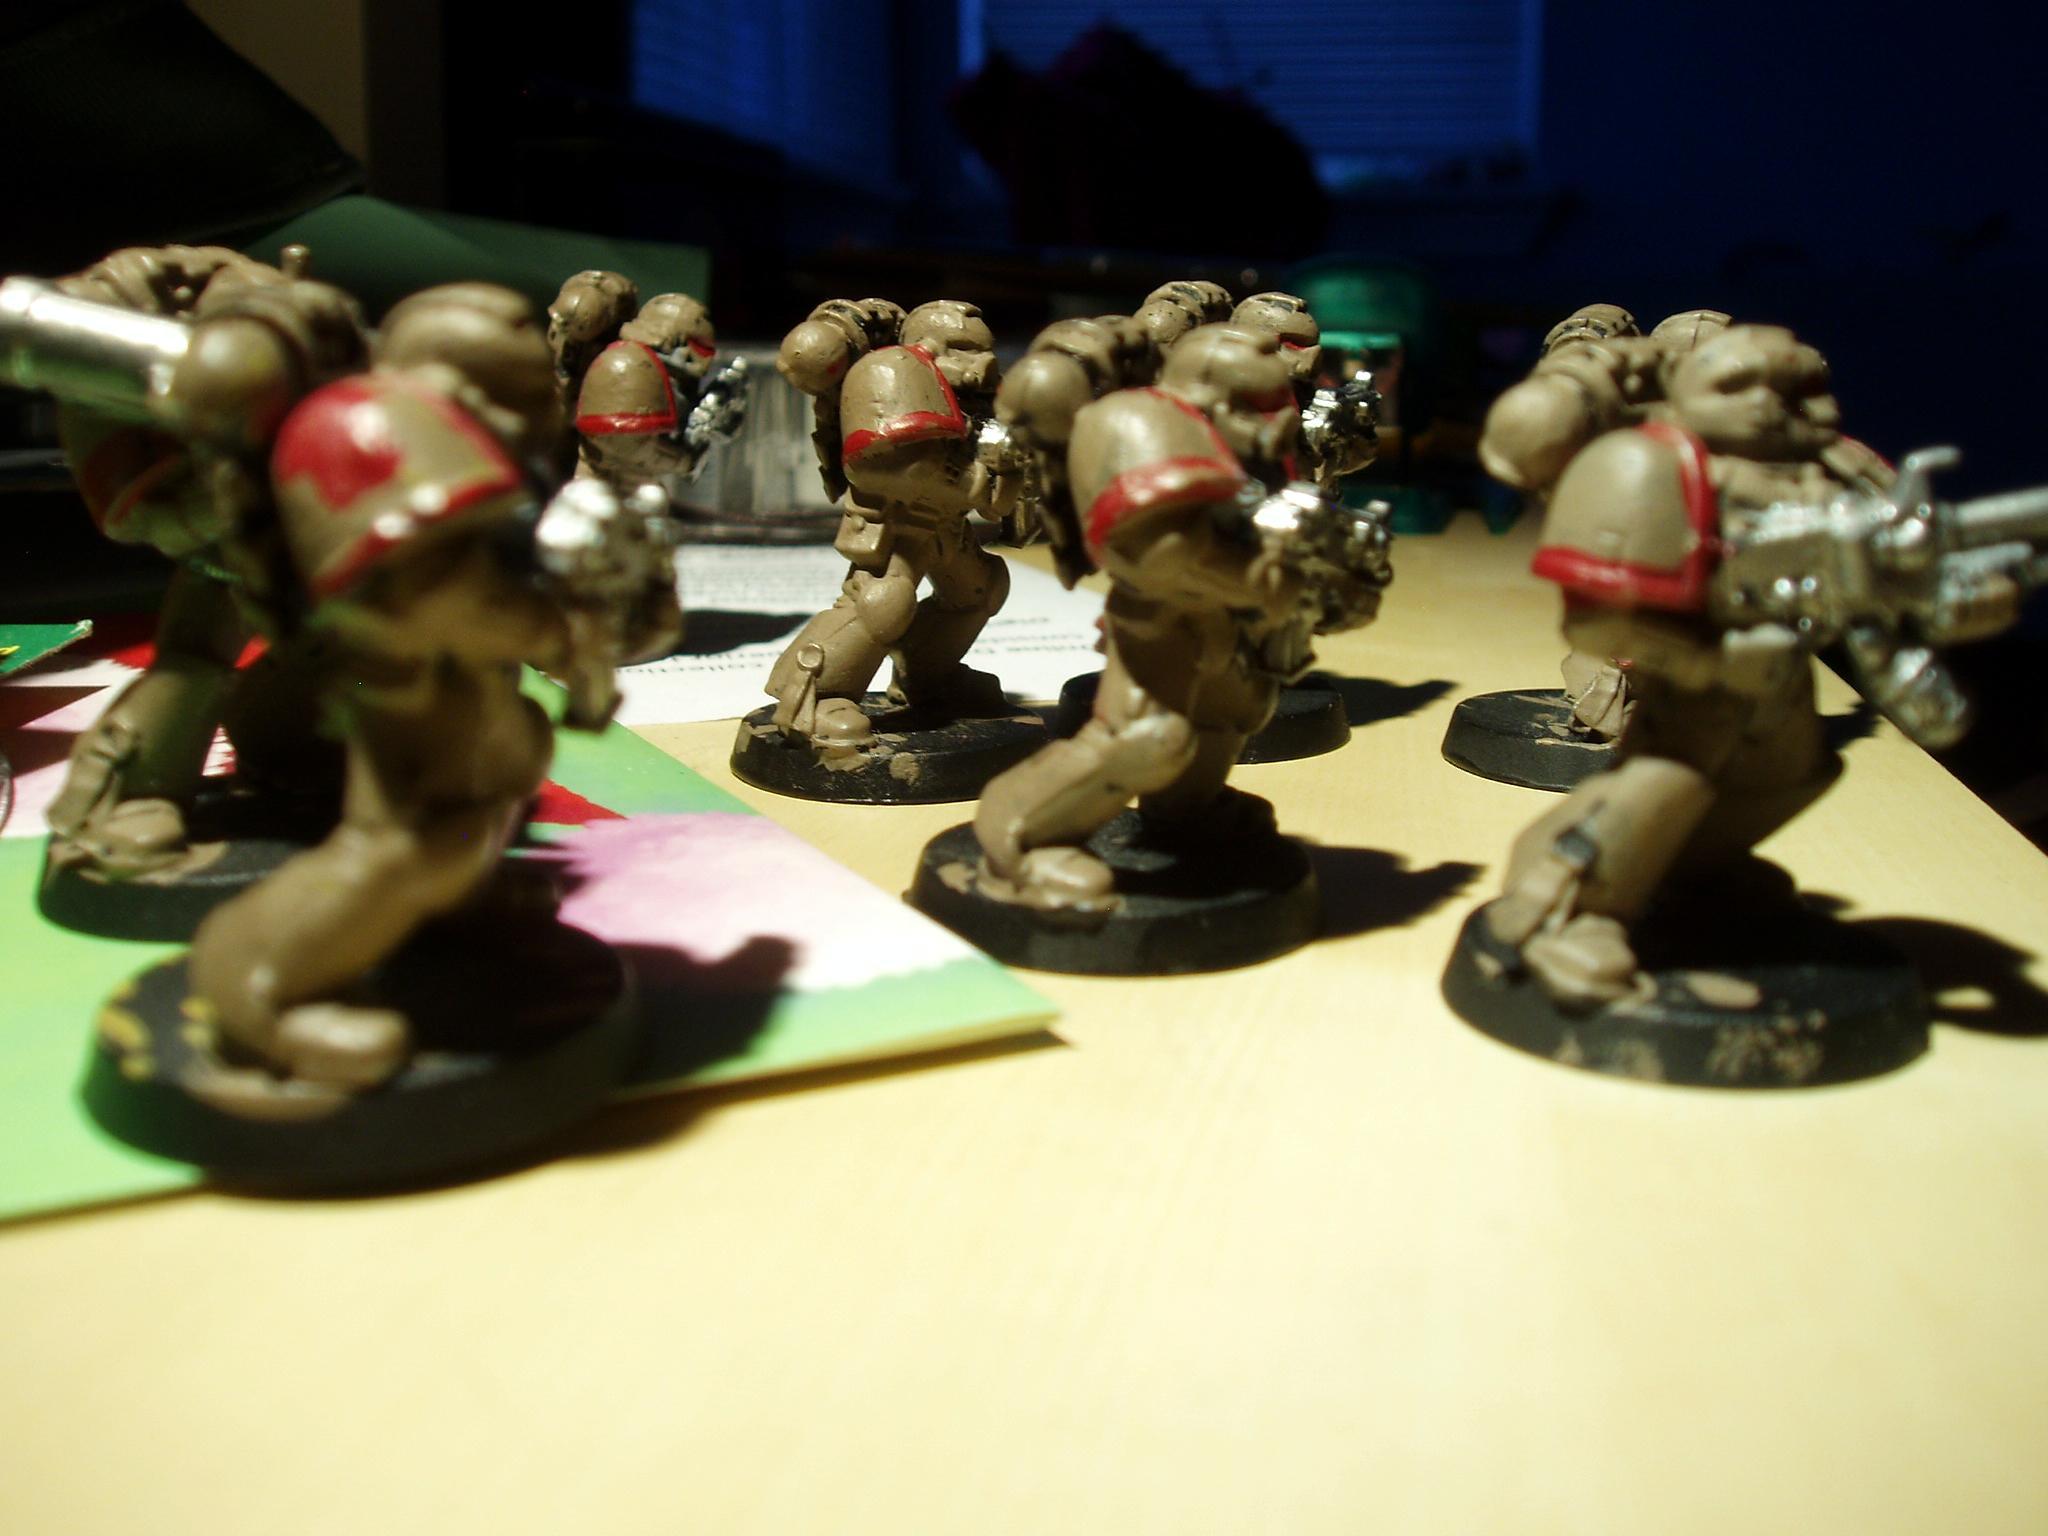 Bad Paintjob, Space Marines, Turd